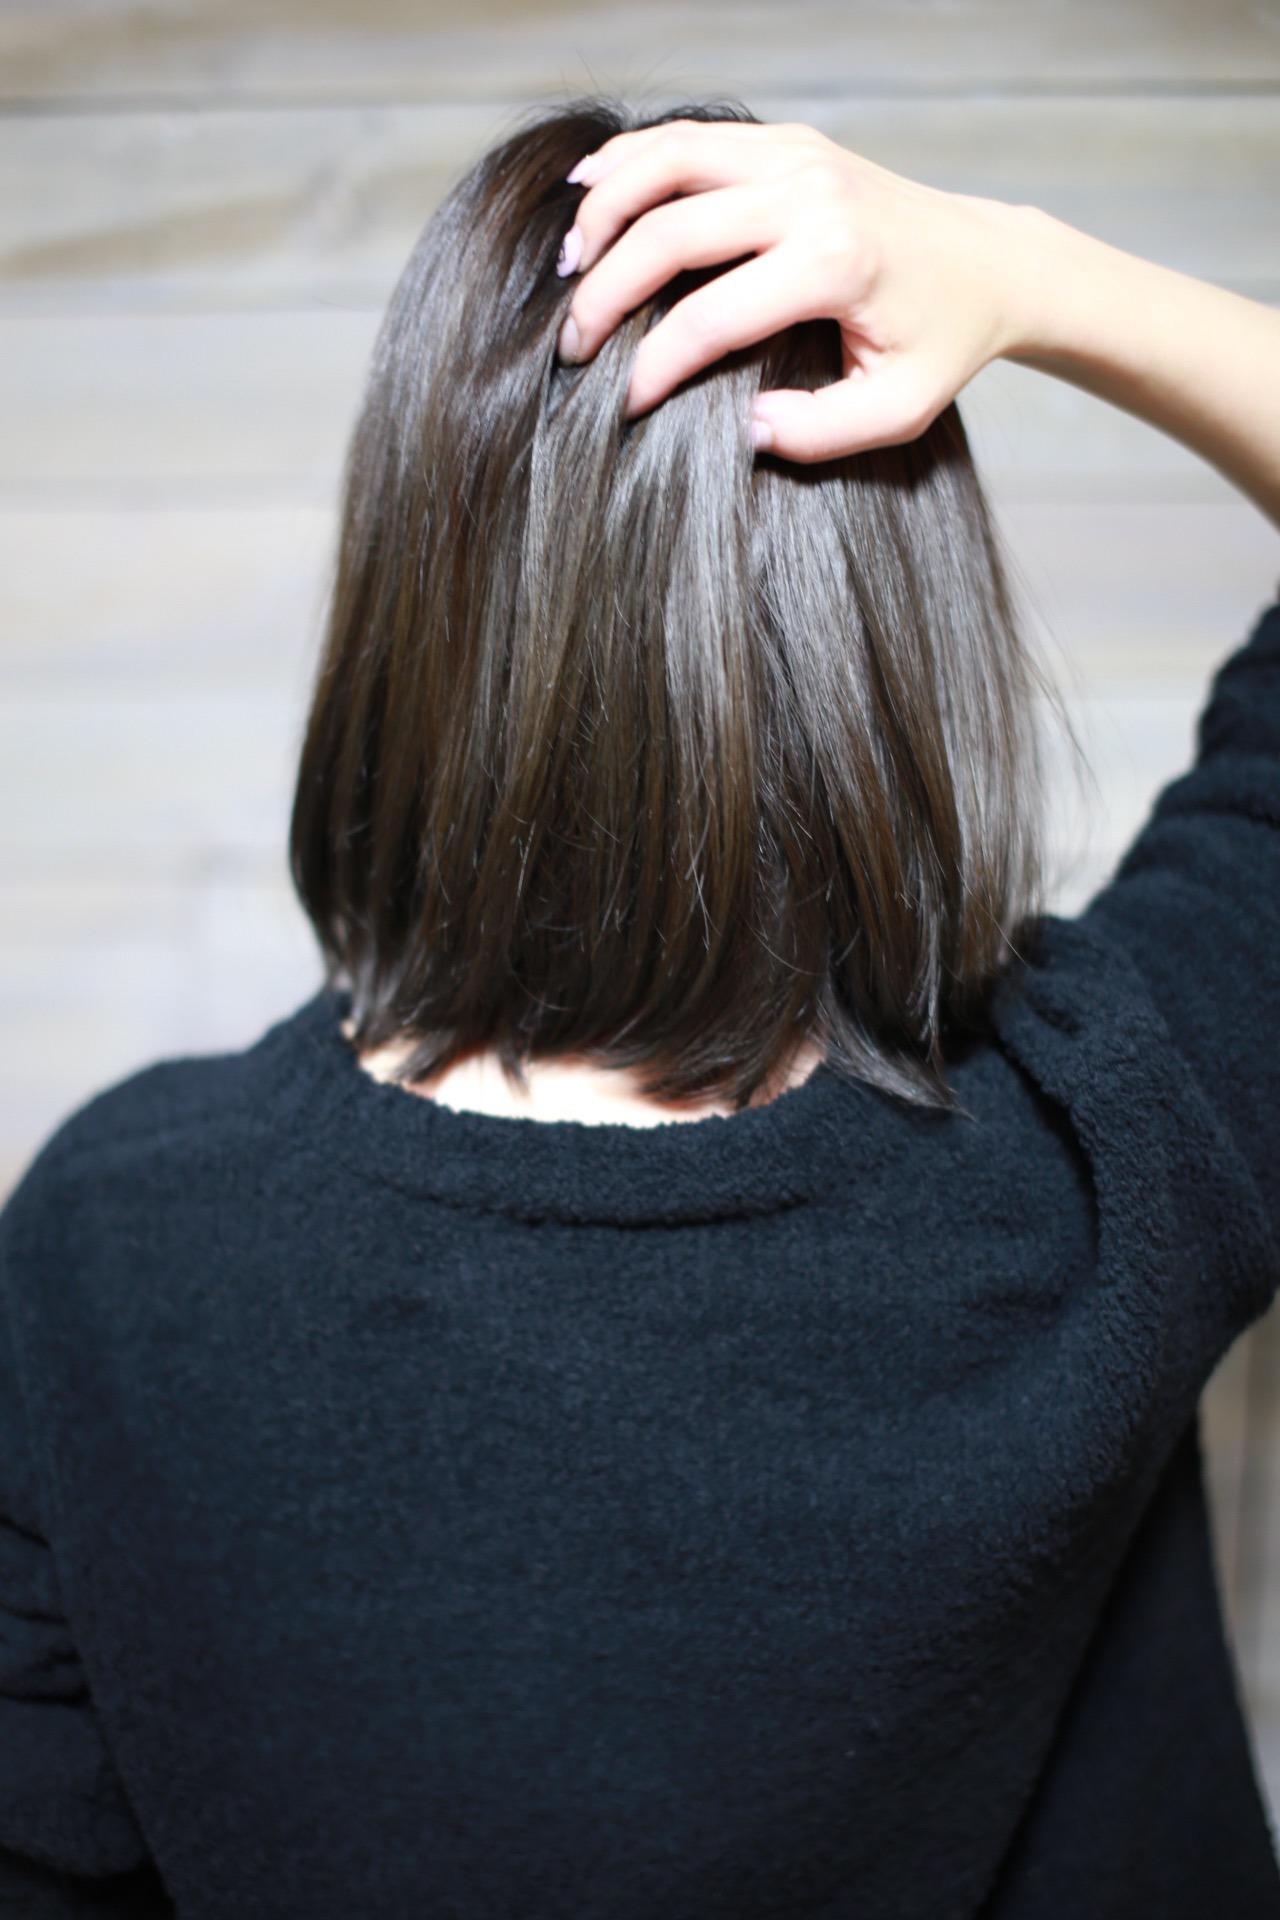 新宿美容室セイヴィアン・グレイアッシュな暗髪で外国人風のヘアカラー生トリートメント